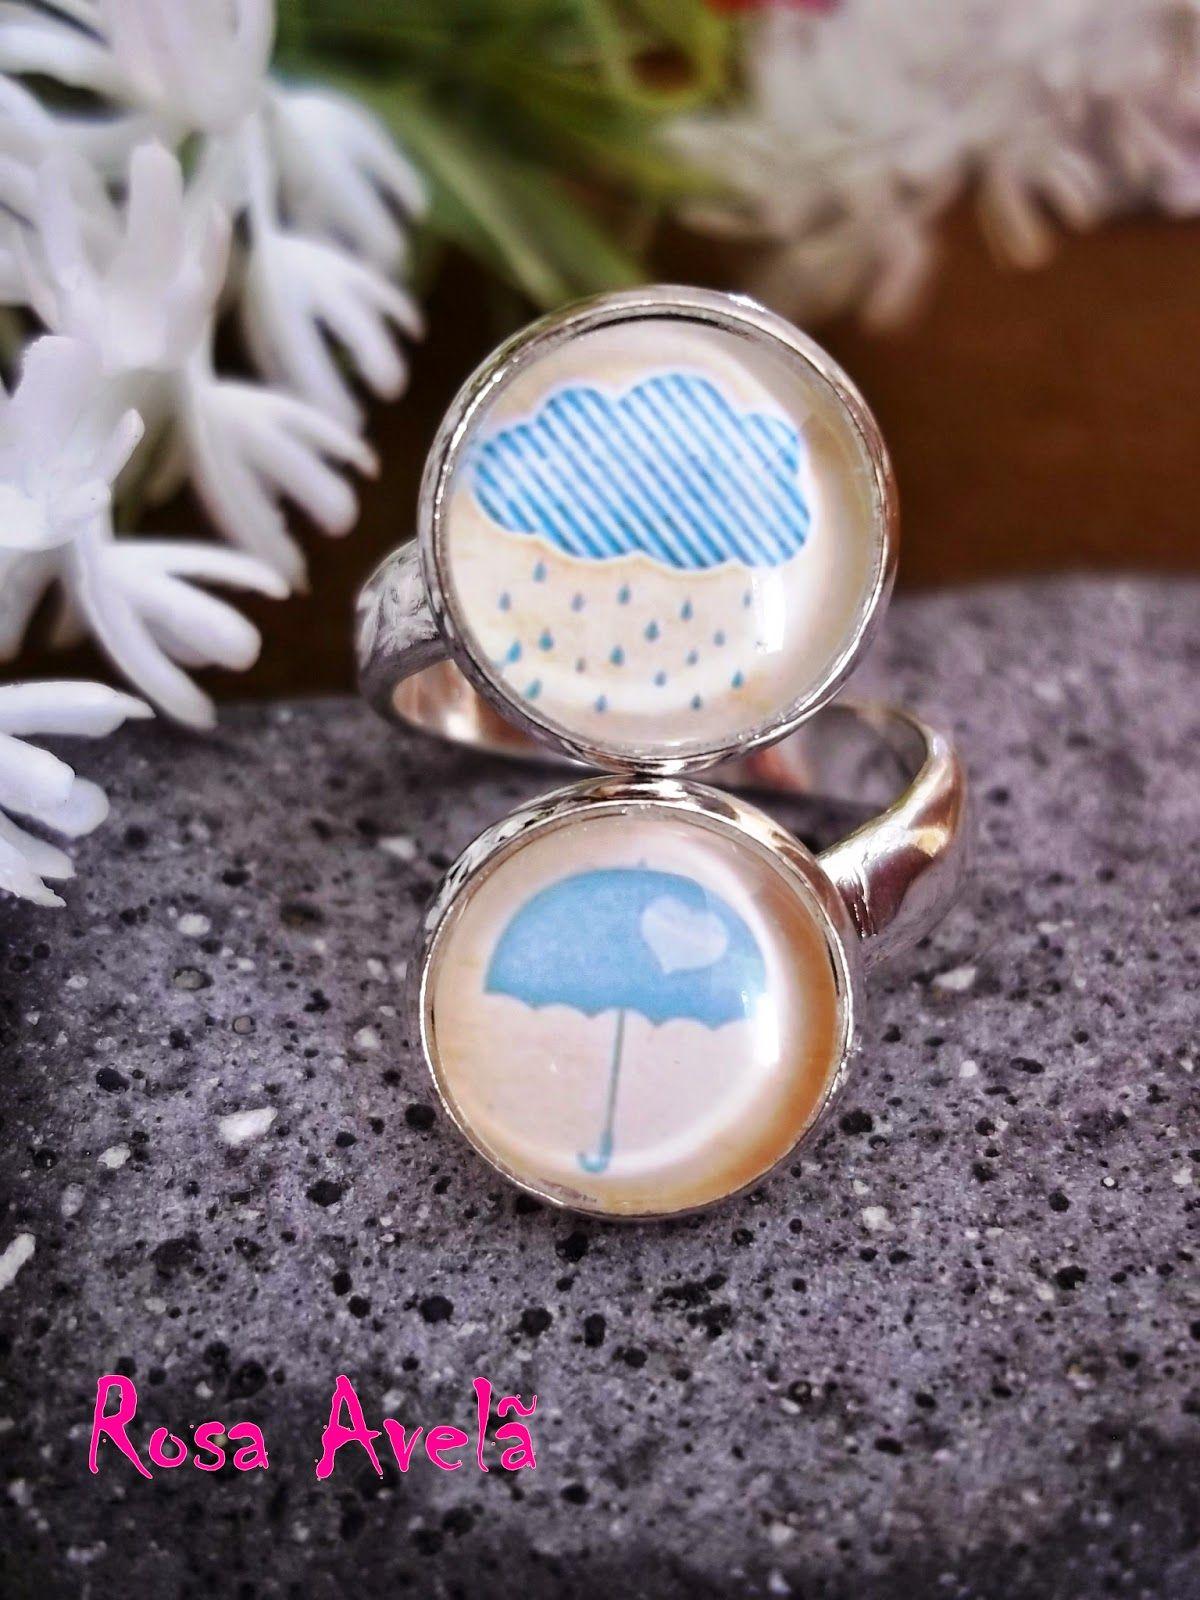 Rosa Avelã: O anel para fazer conjunto!